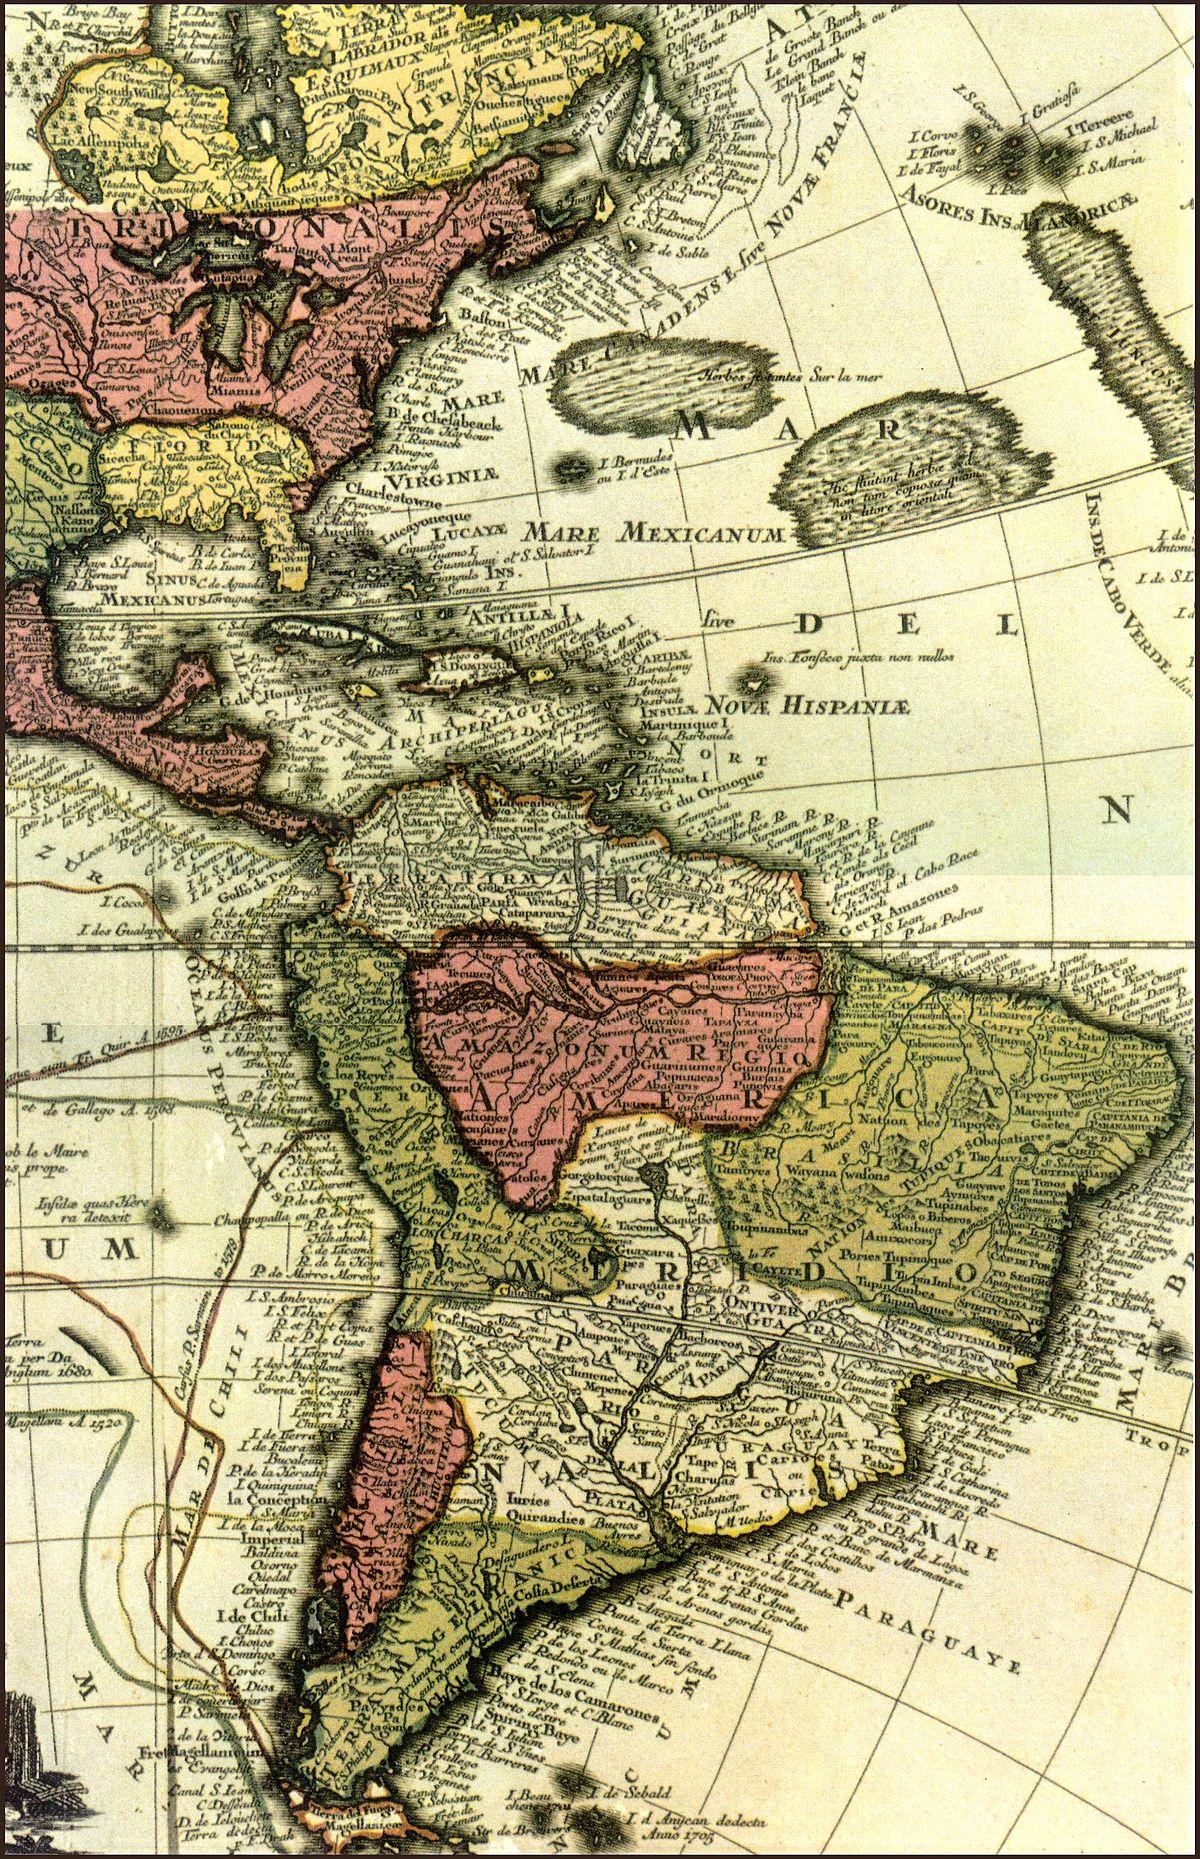 イギリスによるアメリカ大陸の植民地化 - Wikipedia